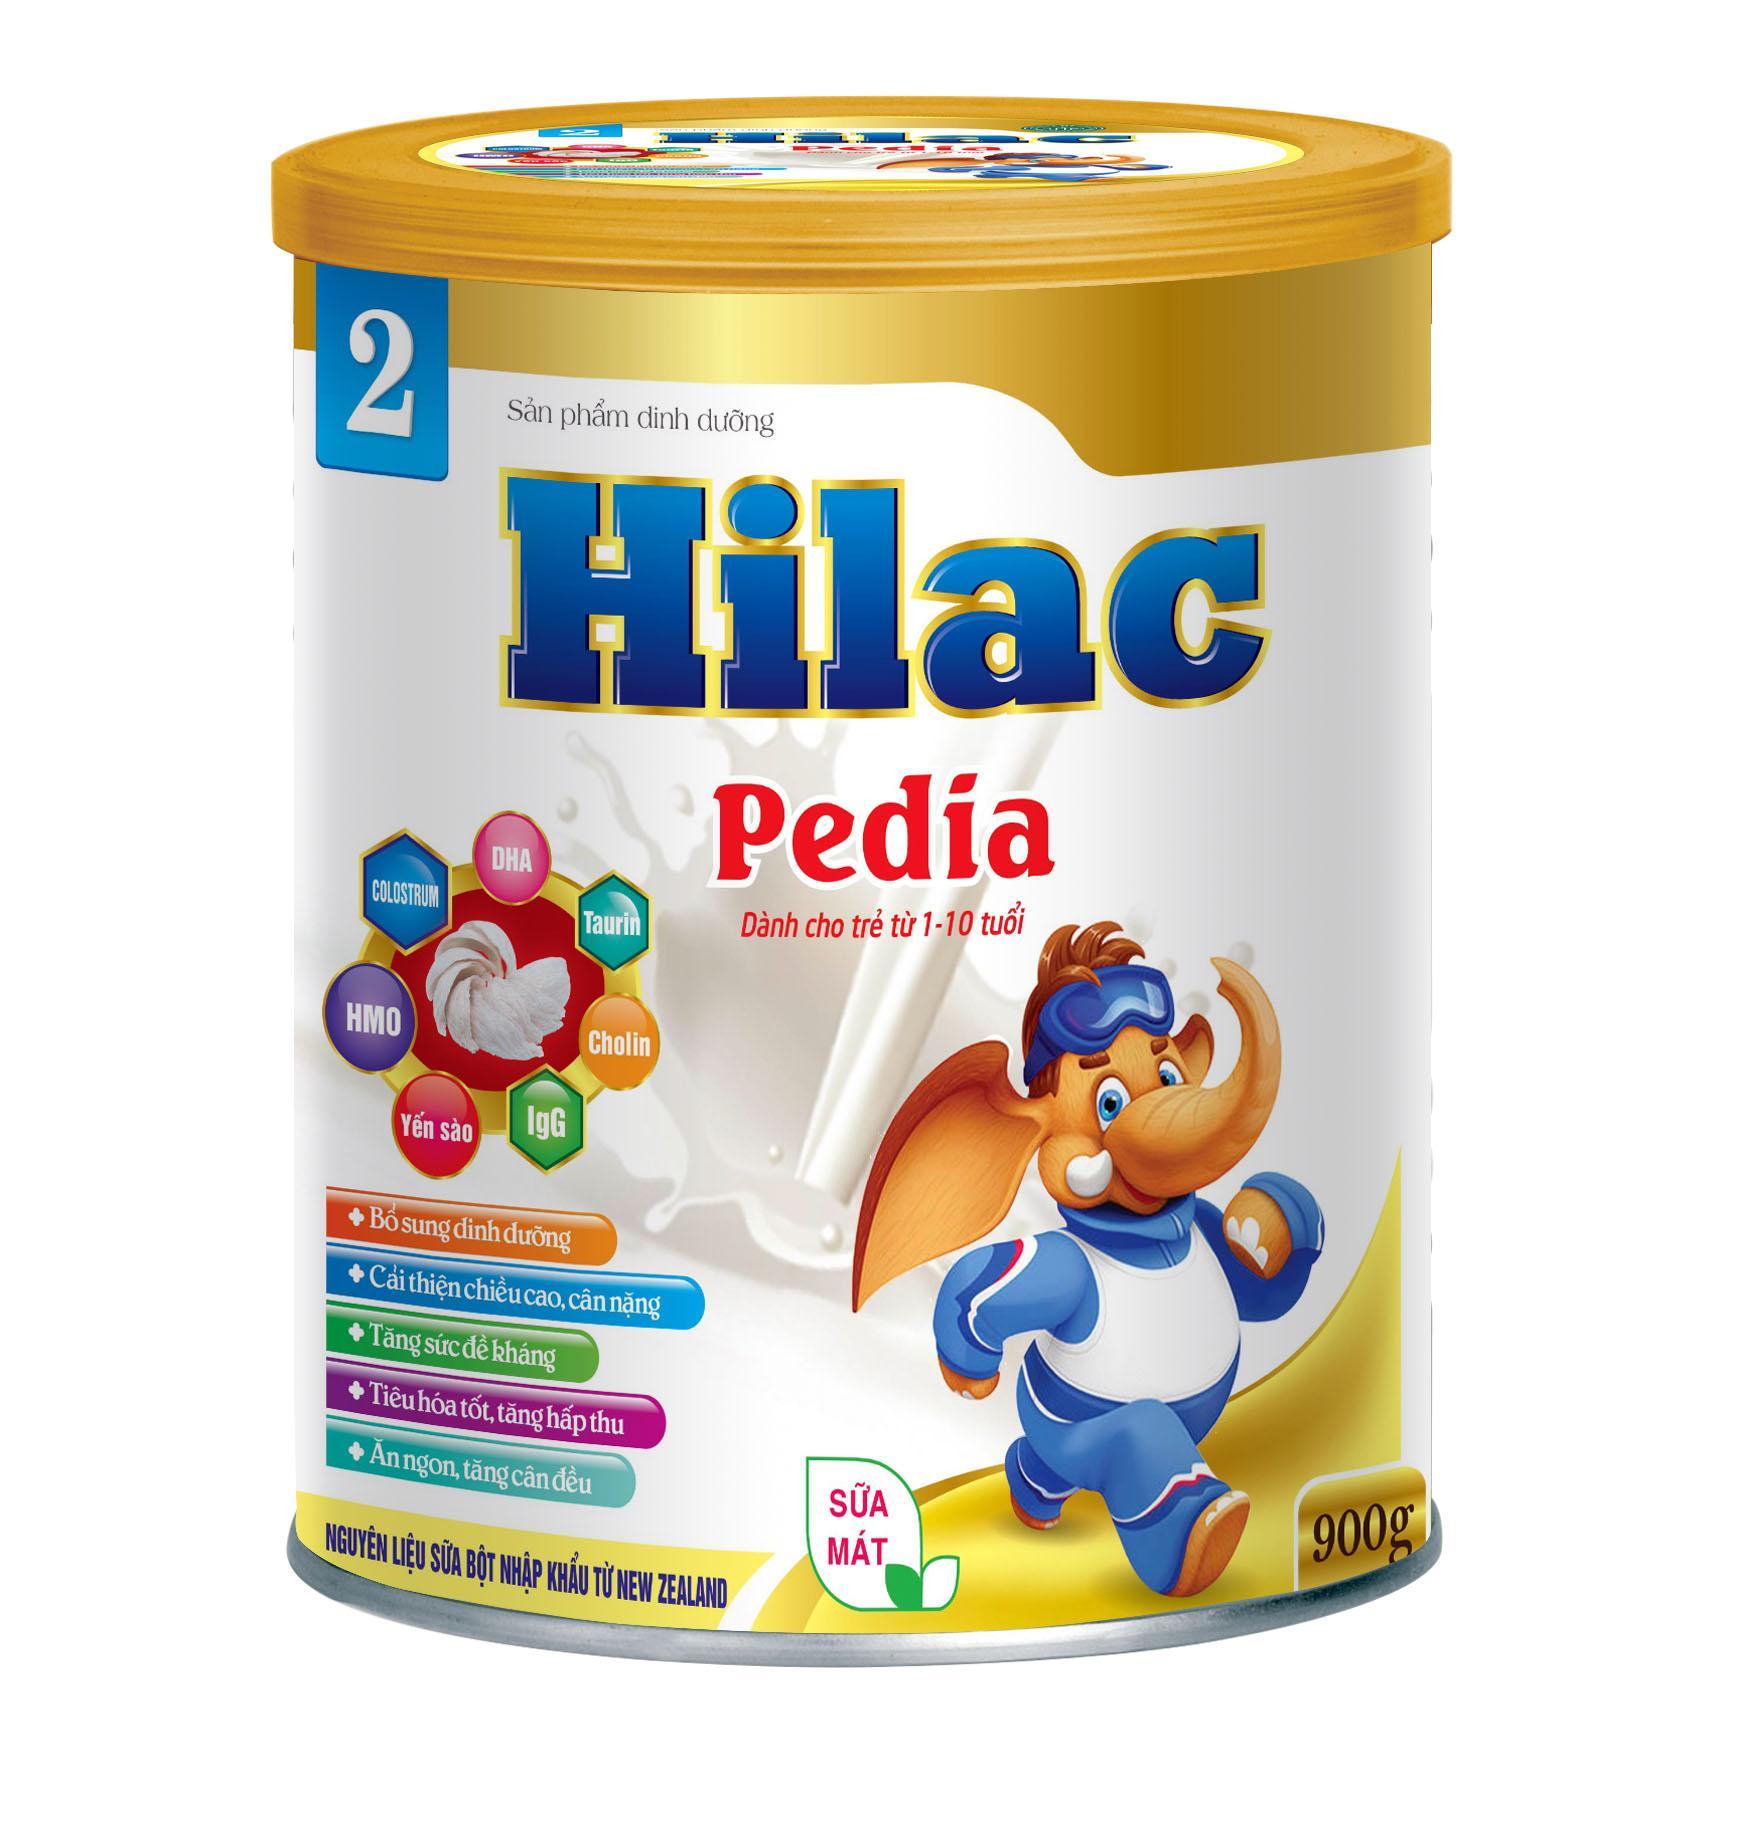 Hilac Pedia bé 1-10 tuổi